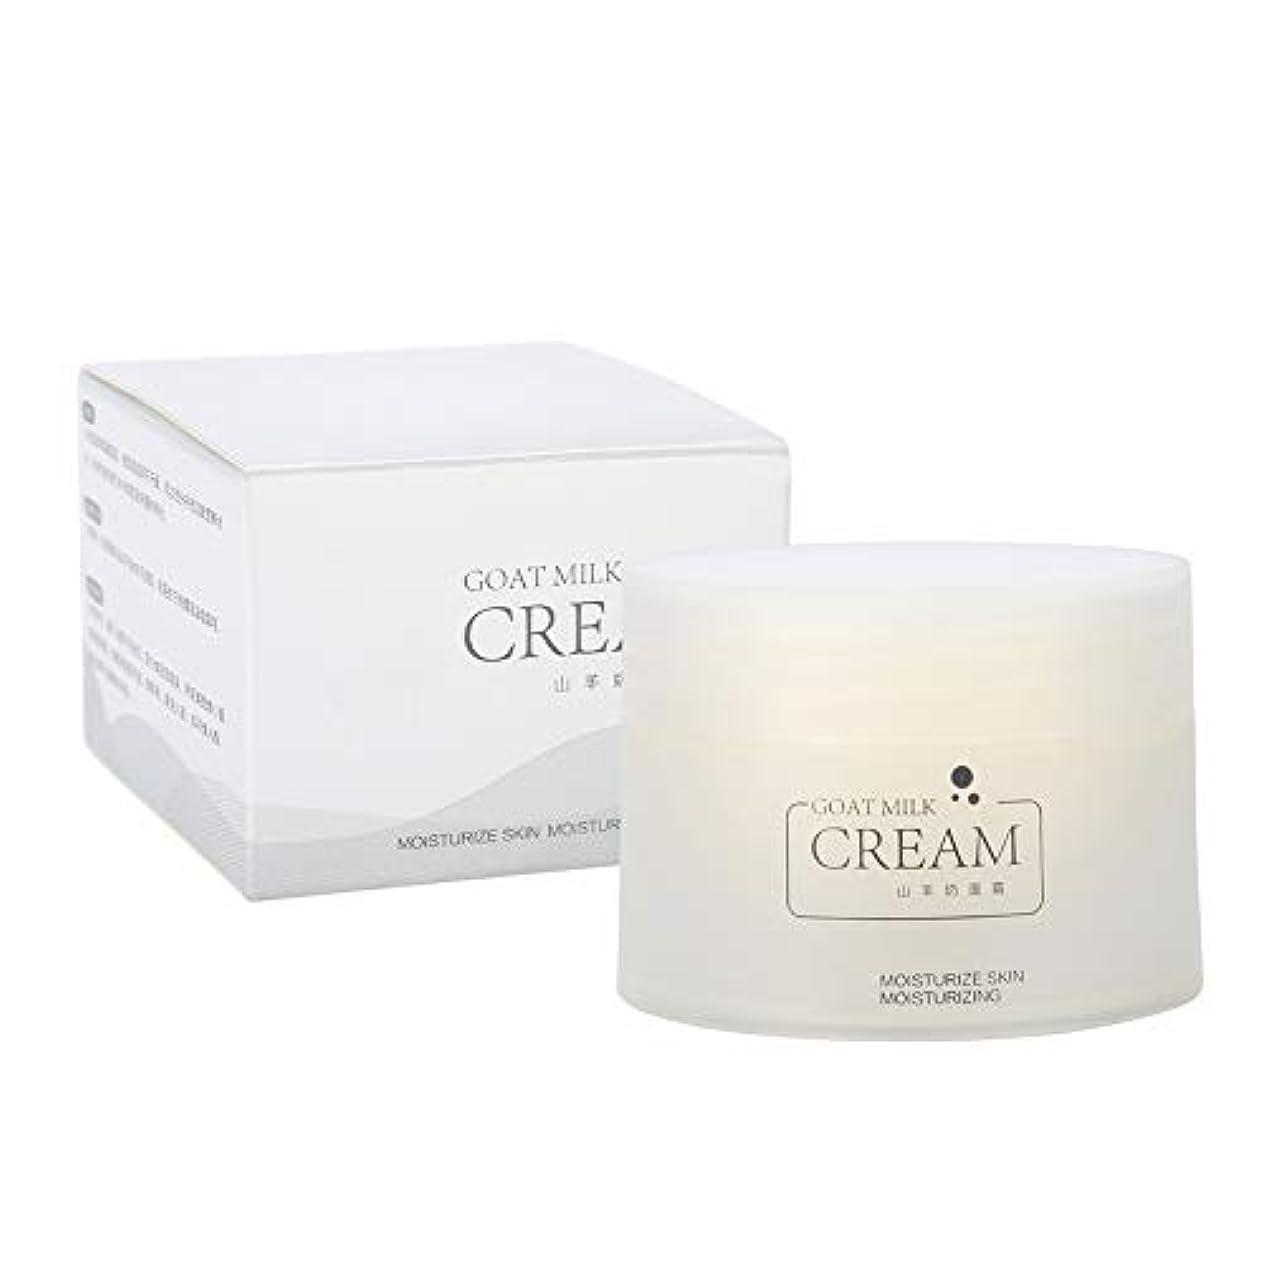 噛む眠りかすかな30mlフェイスクリーム - 顔用保湿クリーム、100%天然配合